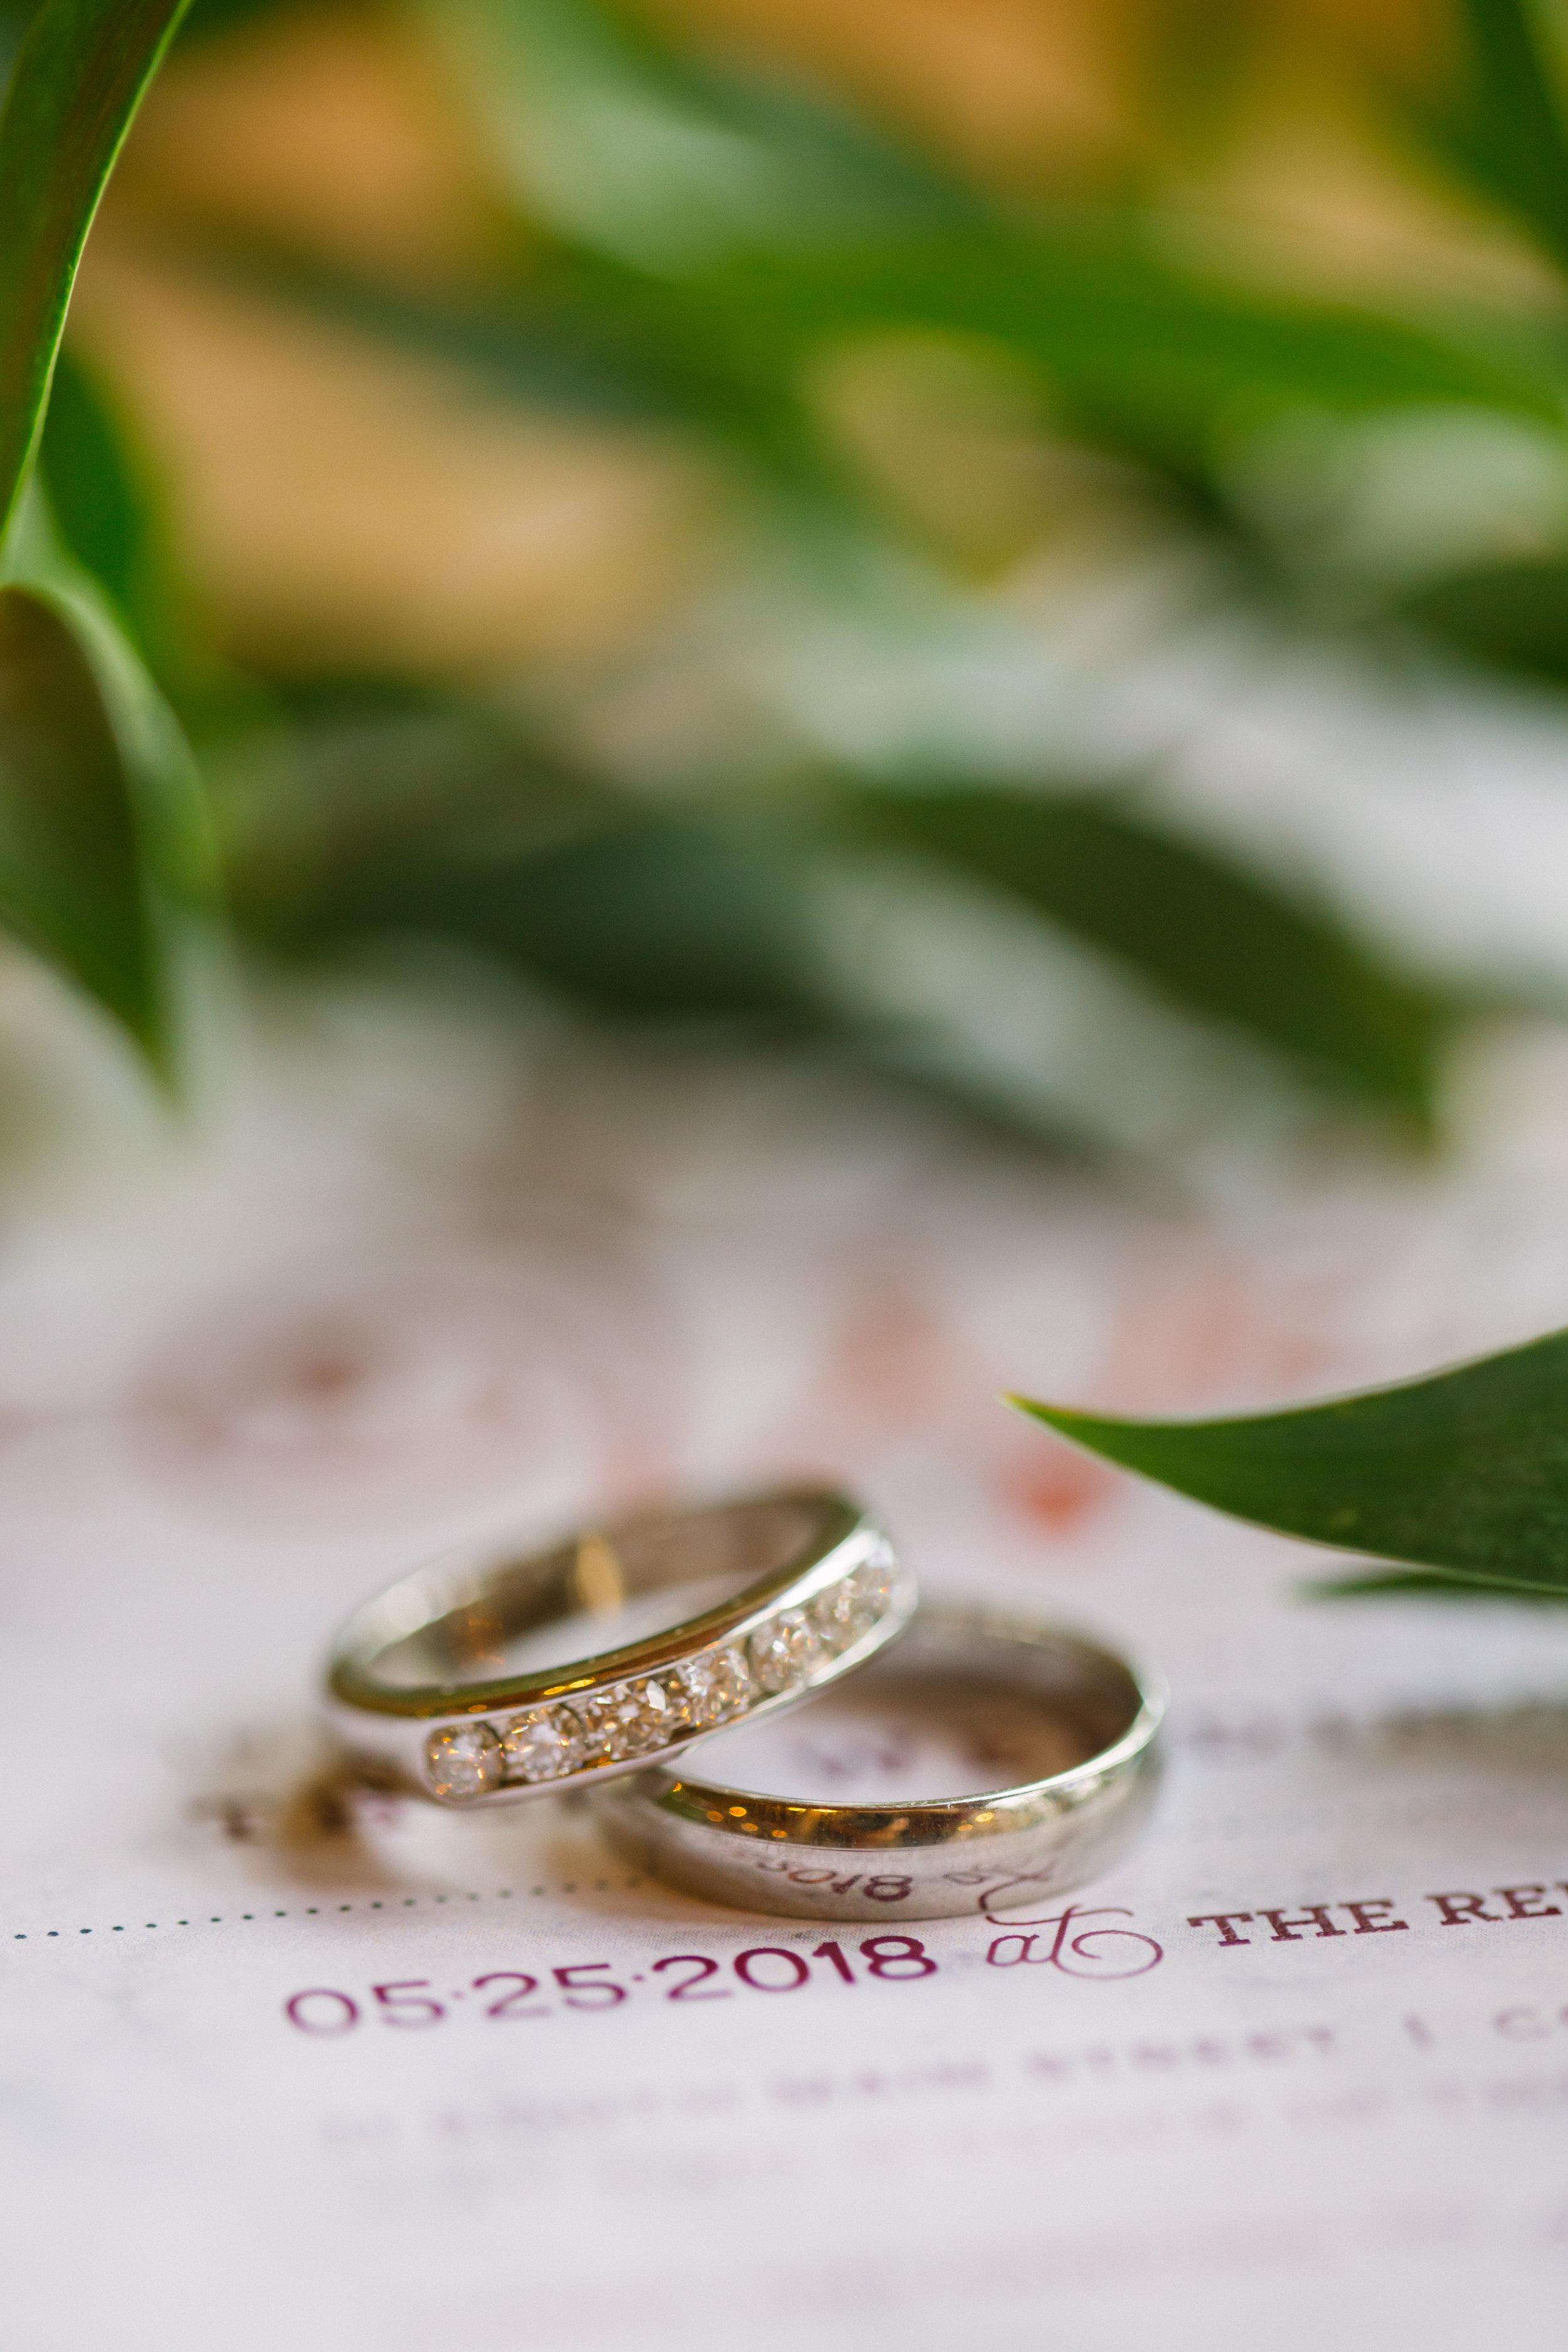 Cohasset_Wedding_Rings